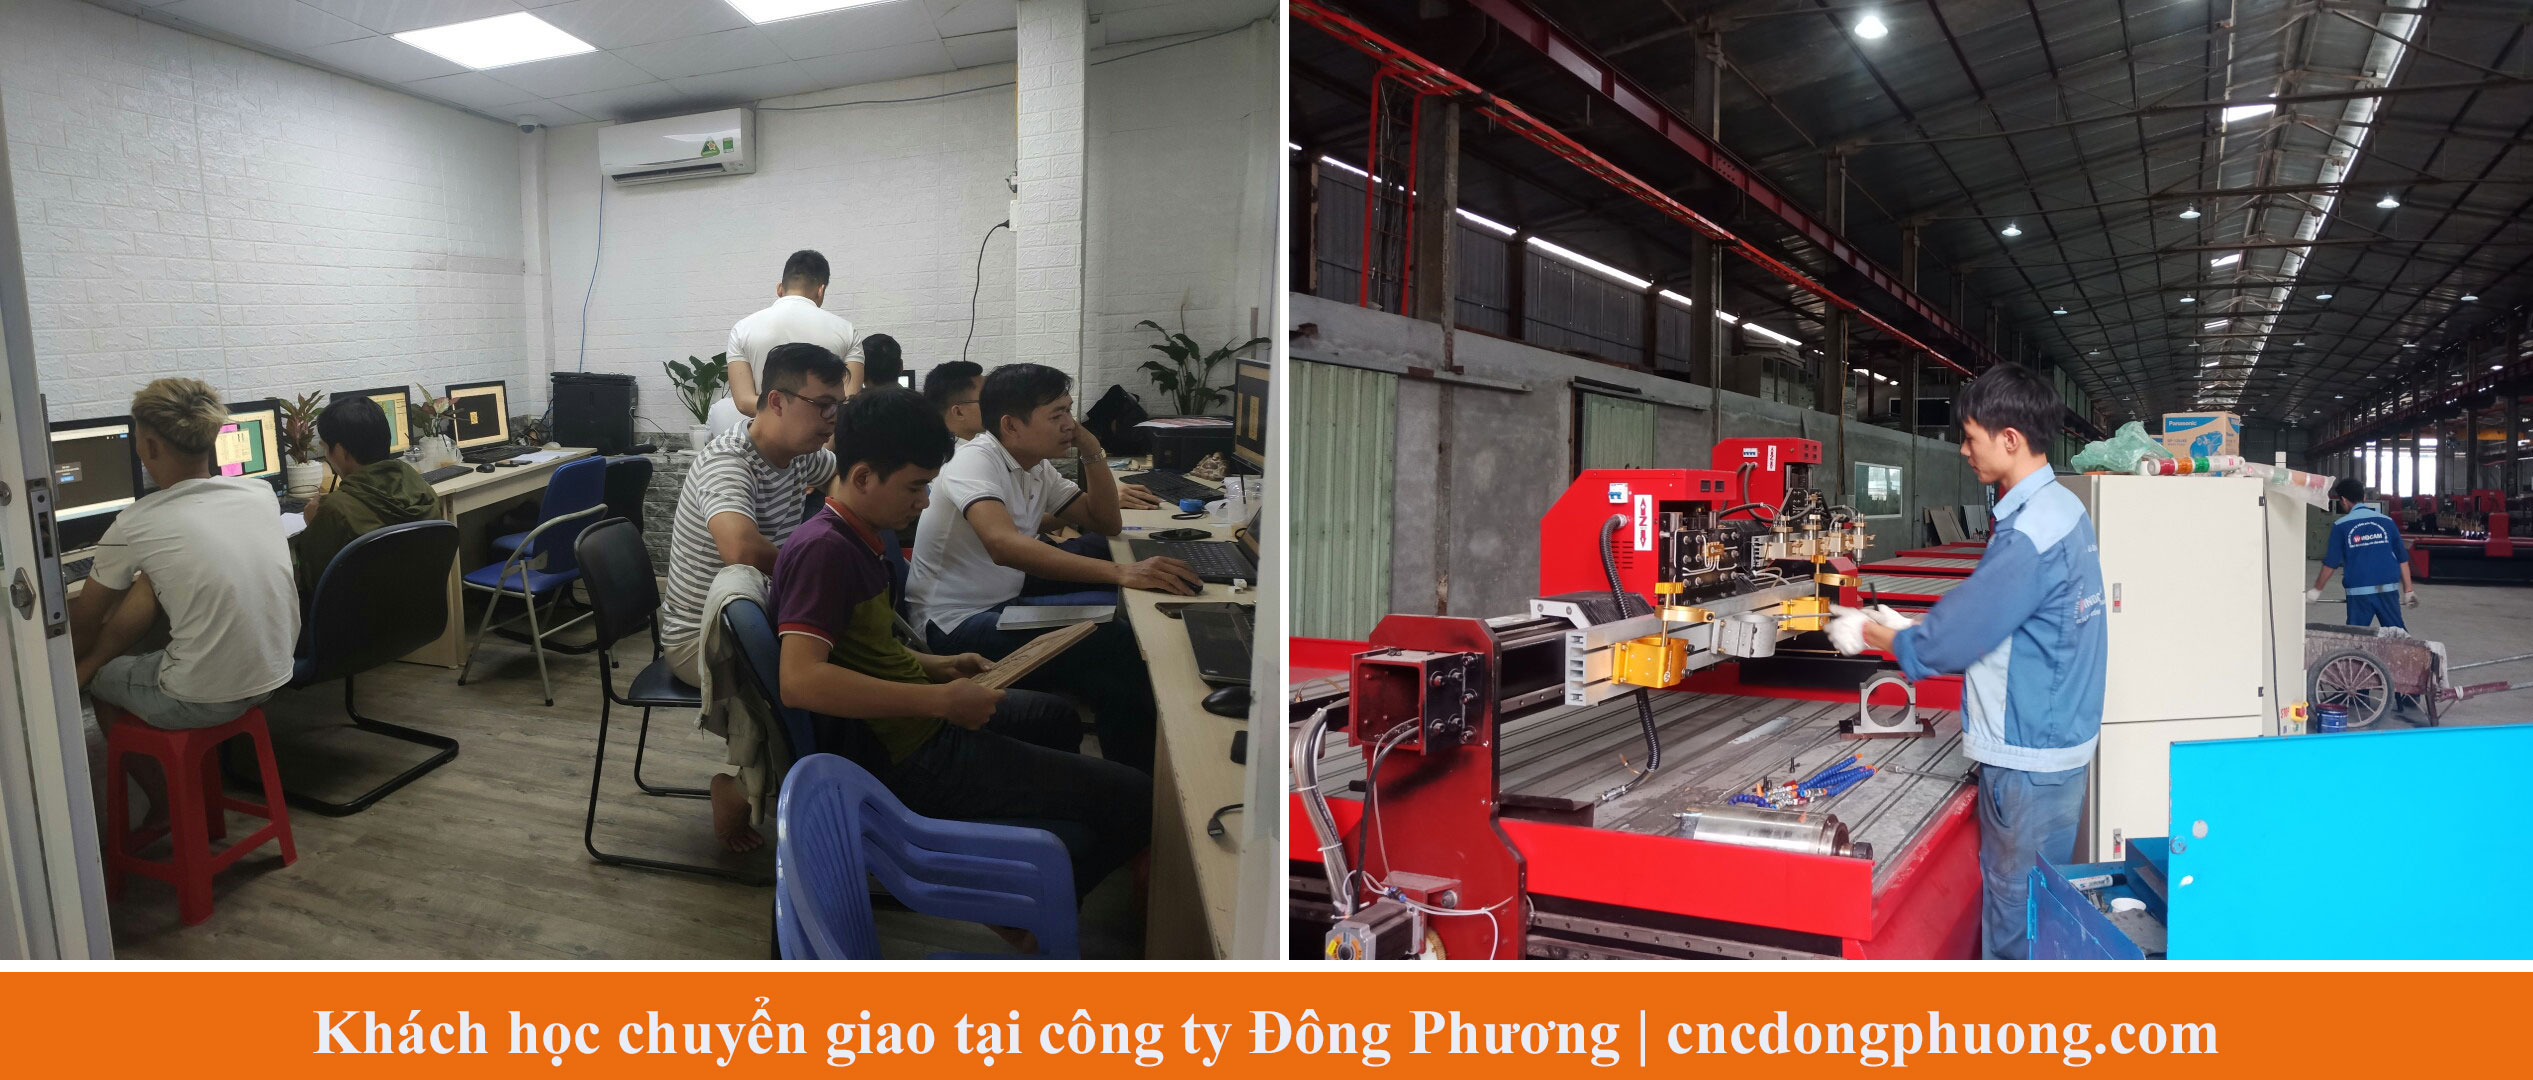 Thông tin chi tiết về máy cnc đục tượng Đông Phương sản xuất2